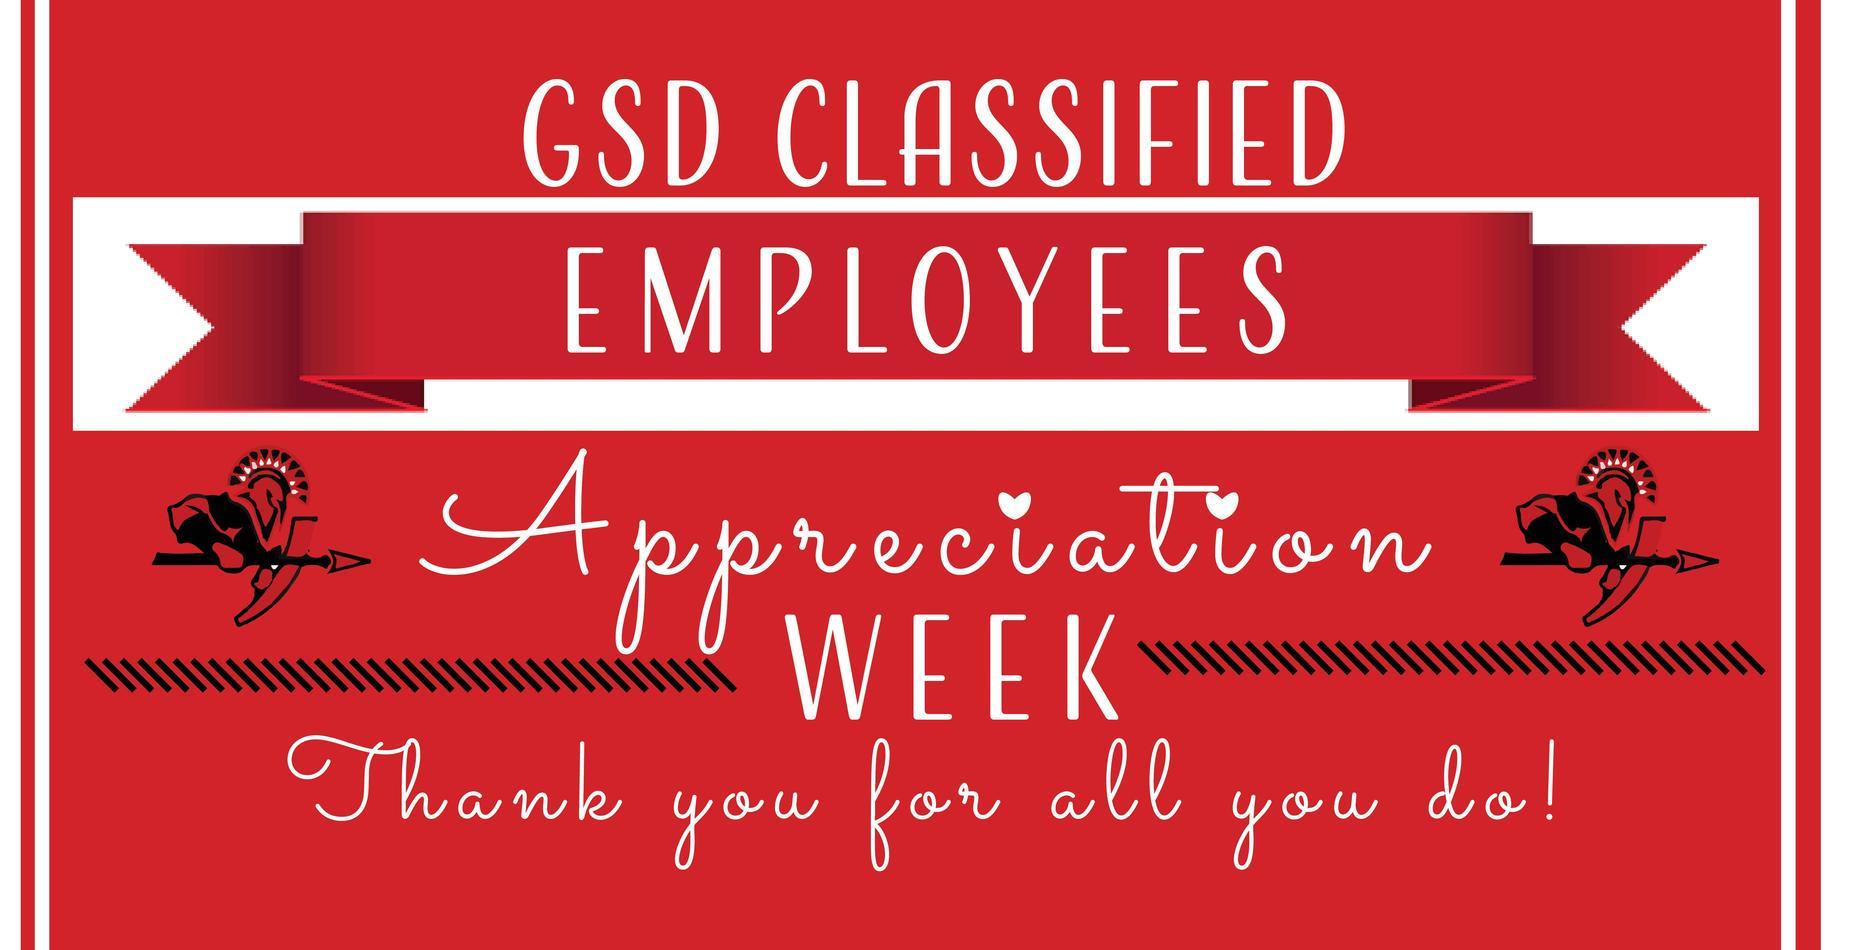 Classified staff week information